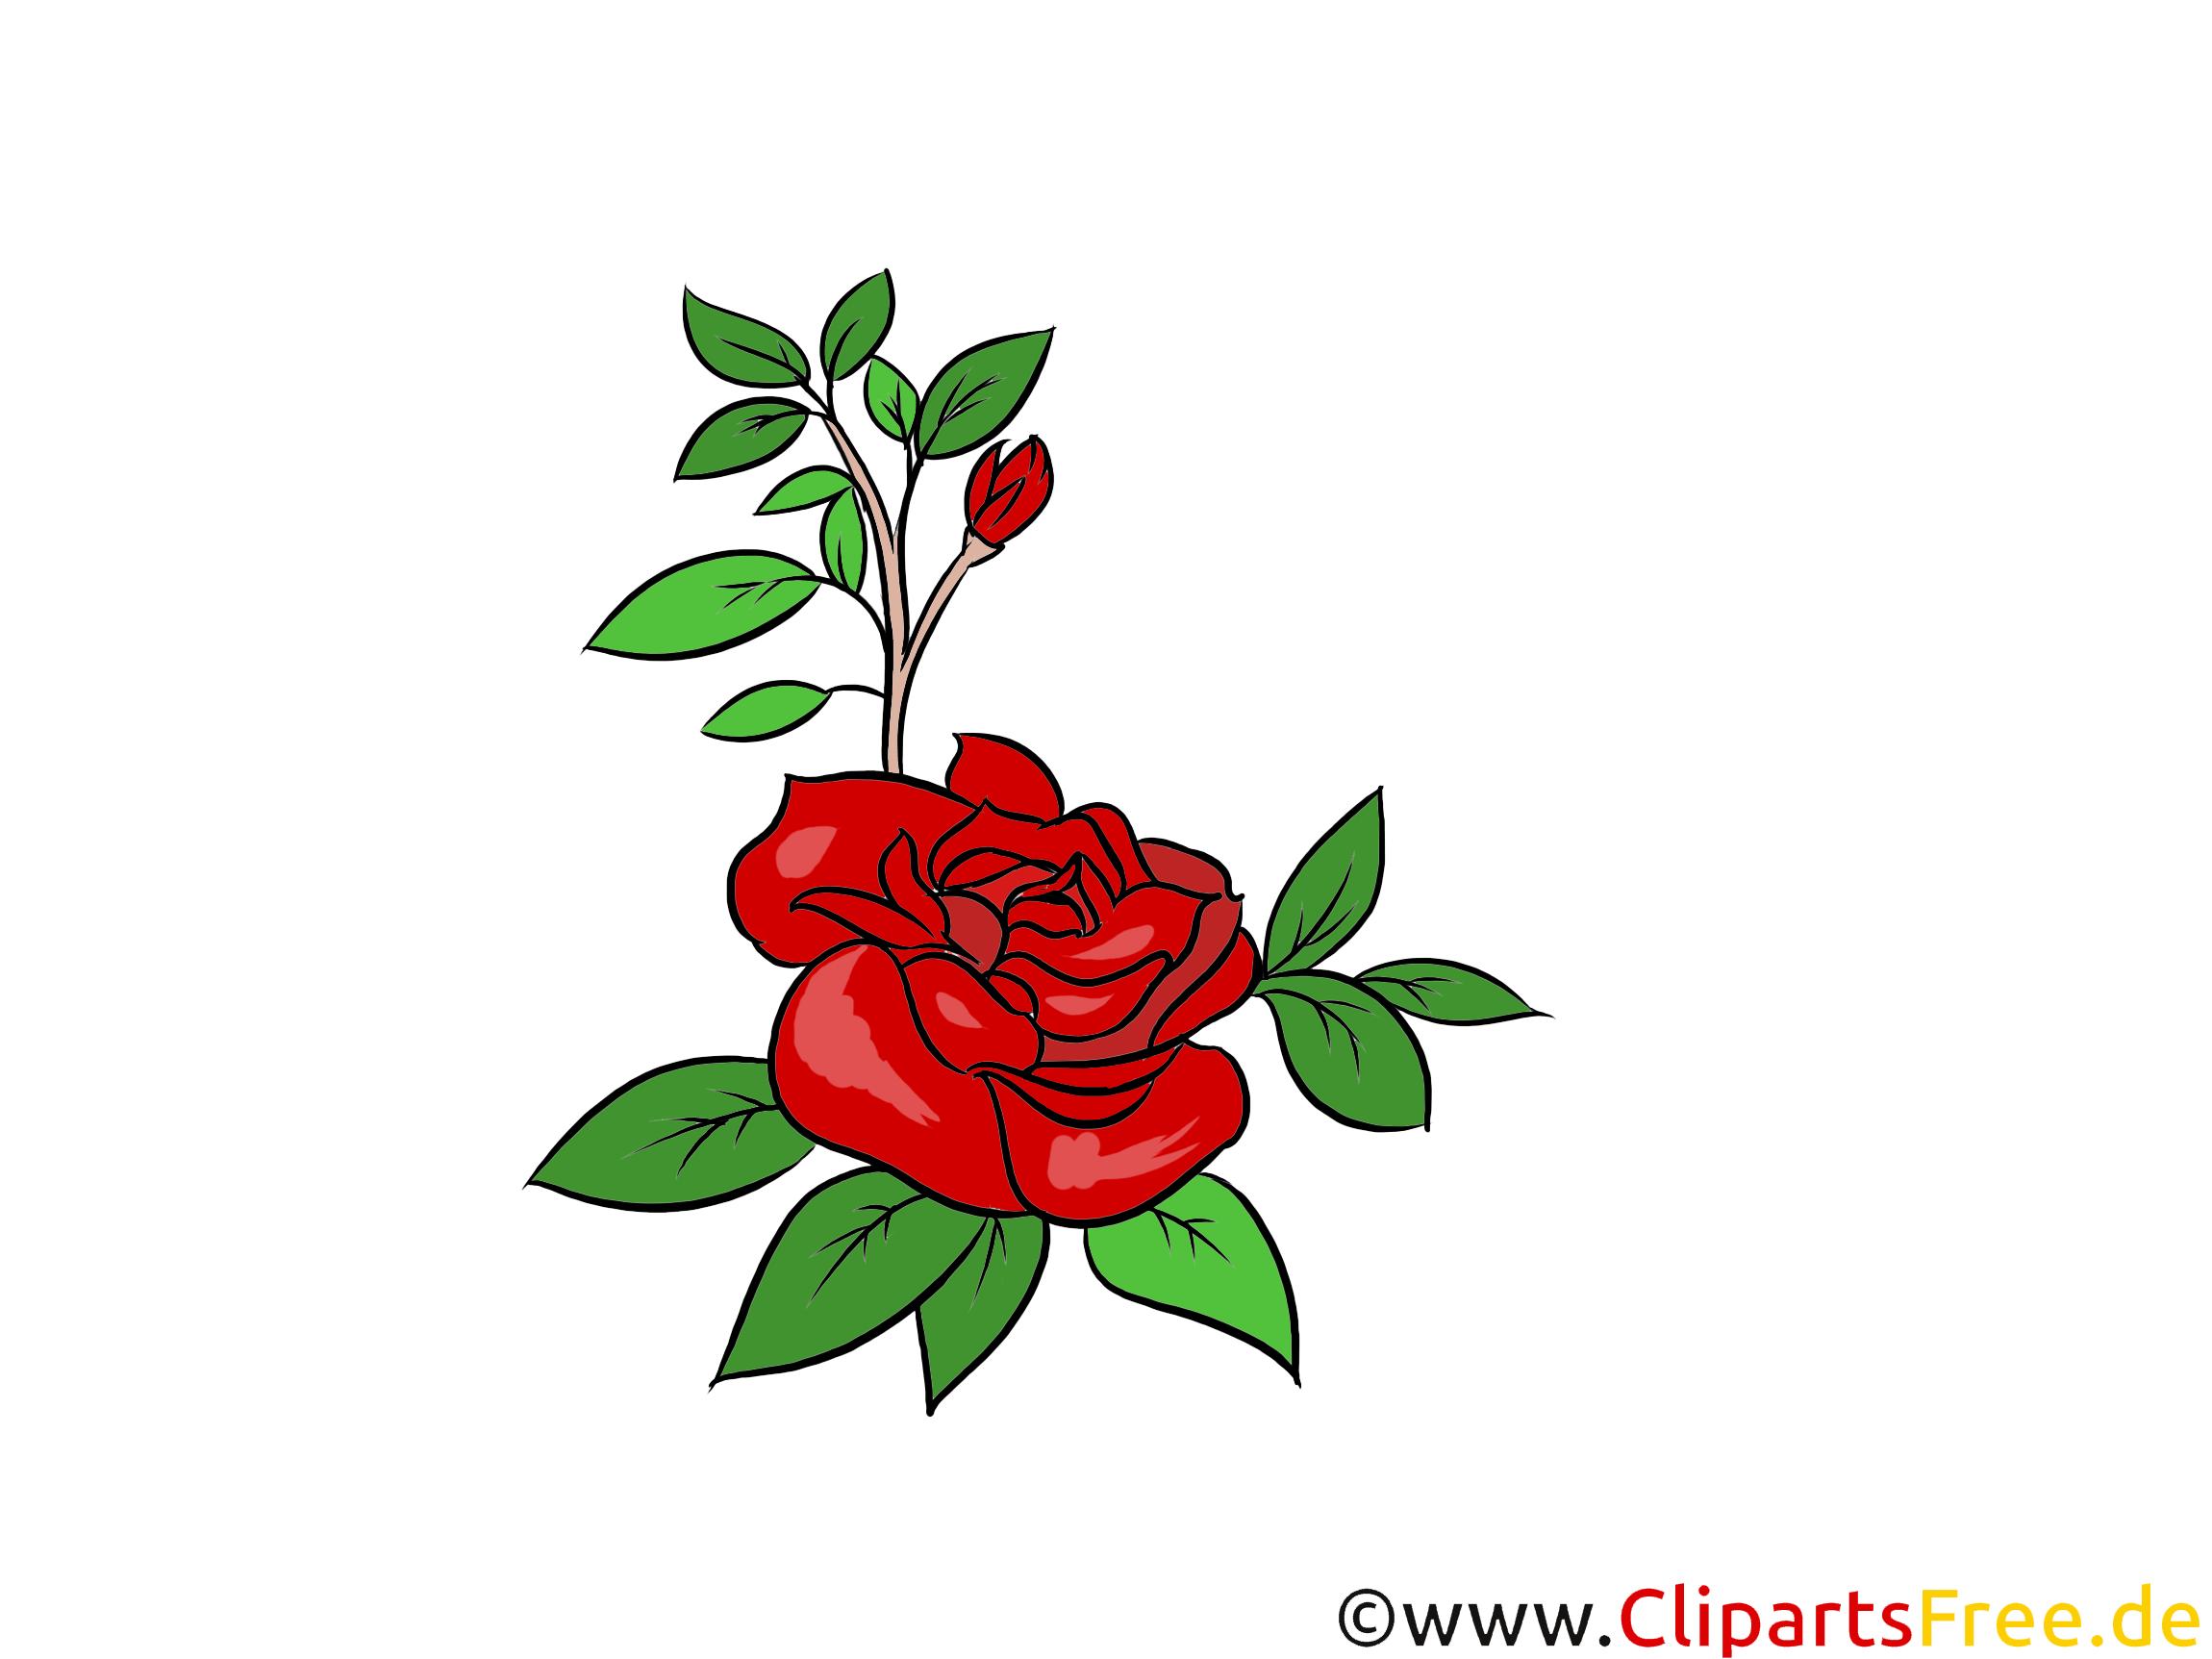 Rose Bild, Grafik, Illustration kostenlos